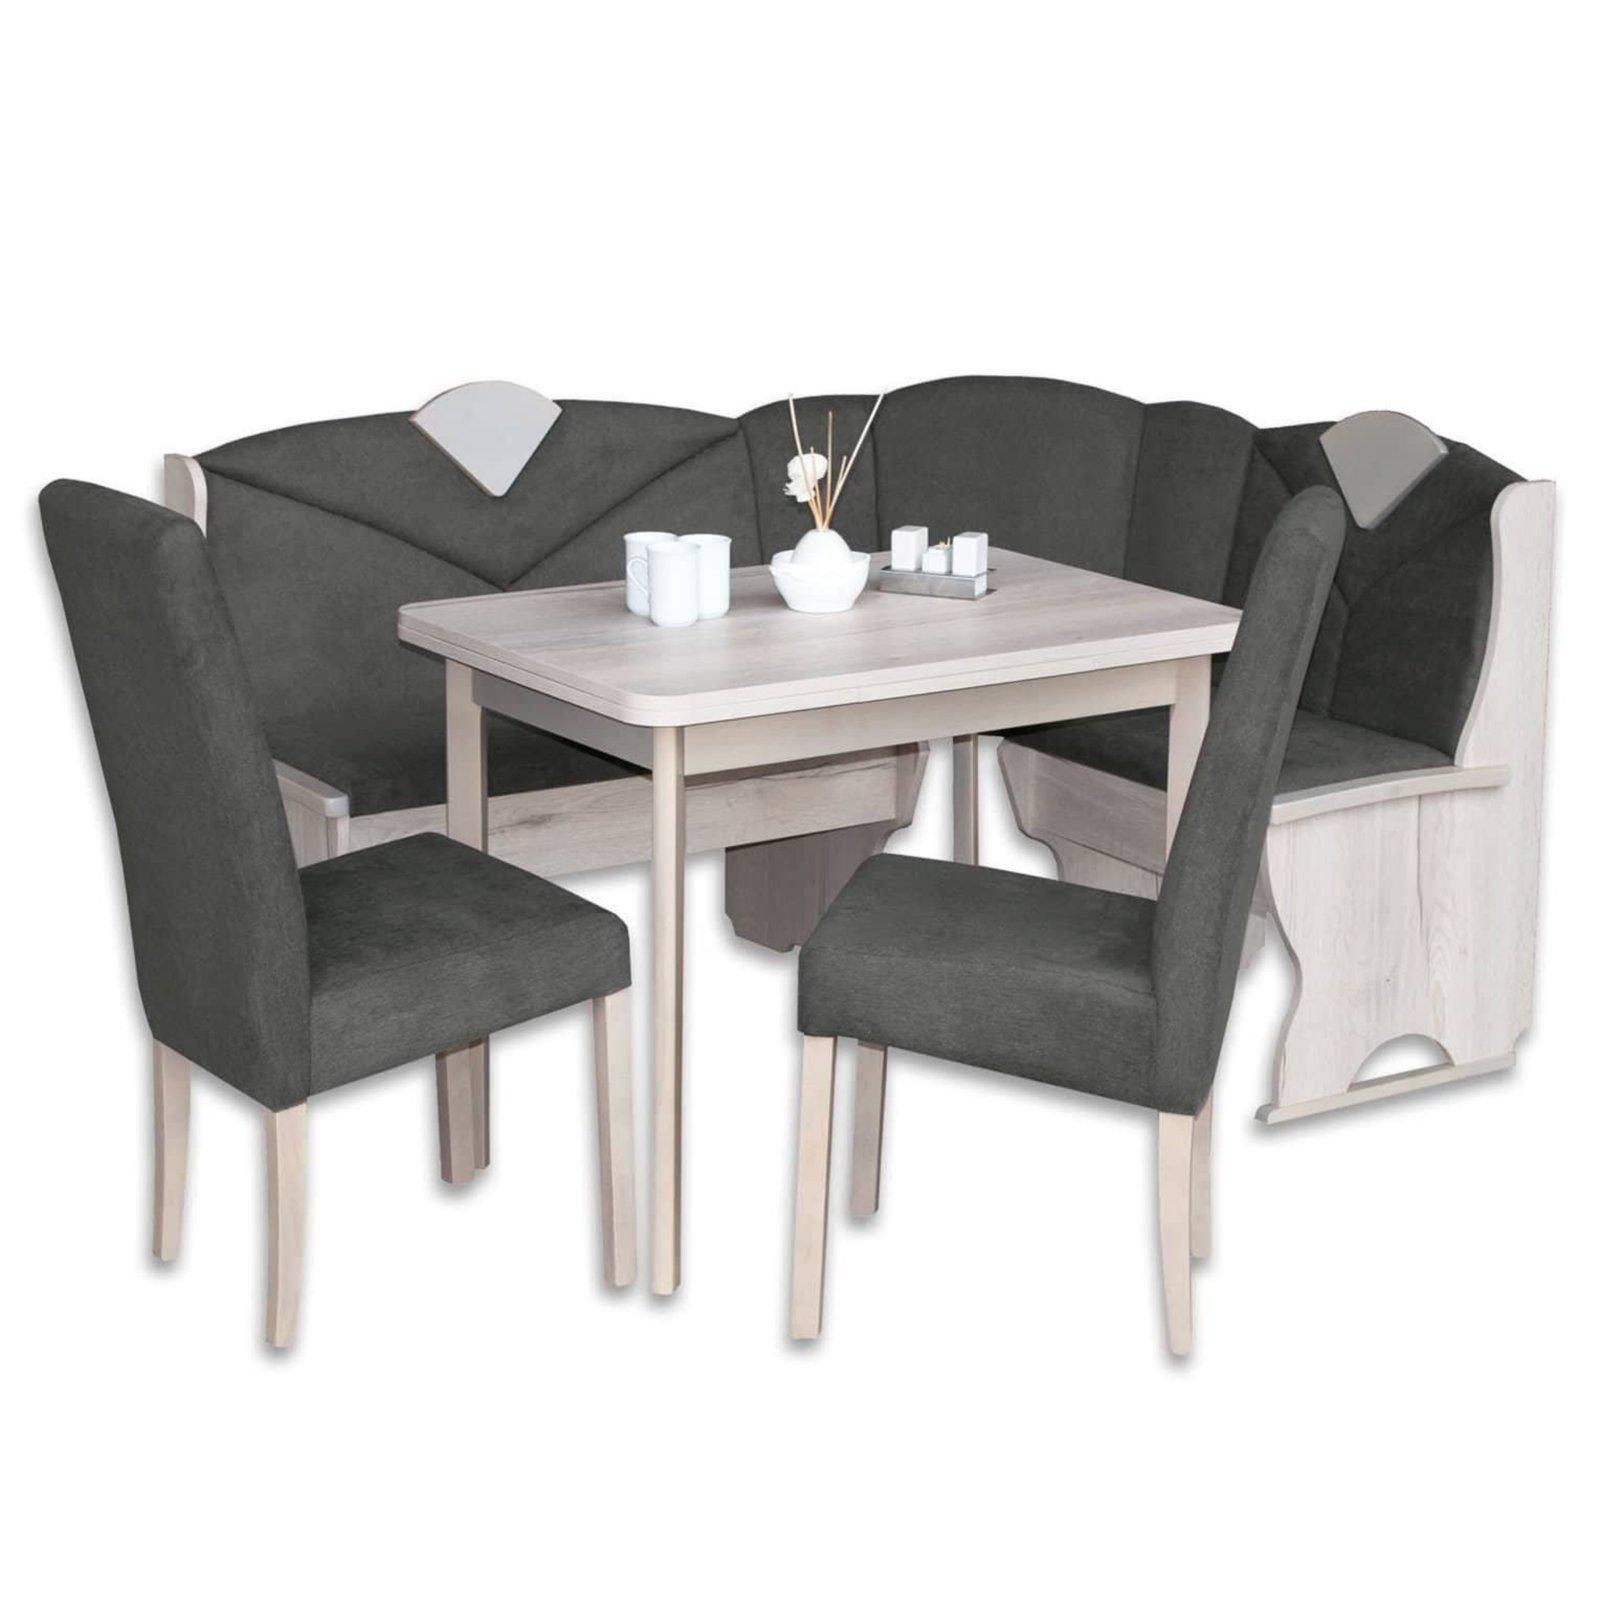 4 teilige eckbankgruppe sandeiche 160x120 cm. Black Bedroom Furniture Sets. Home Design Ideas